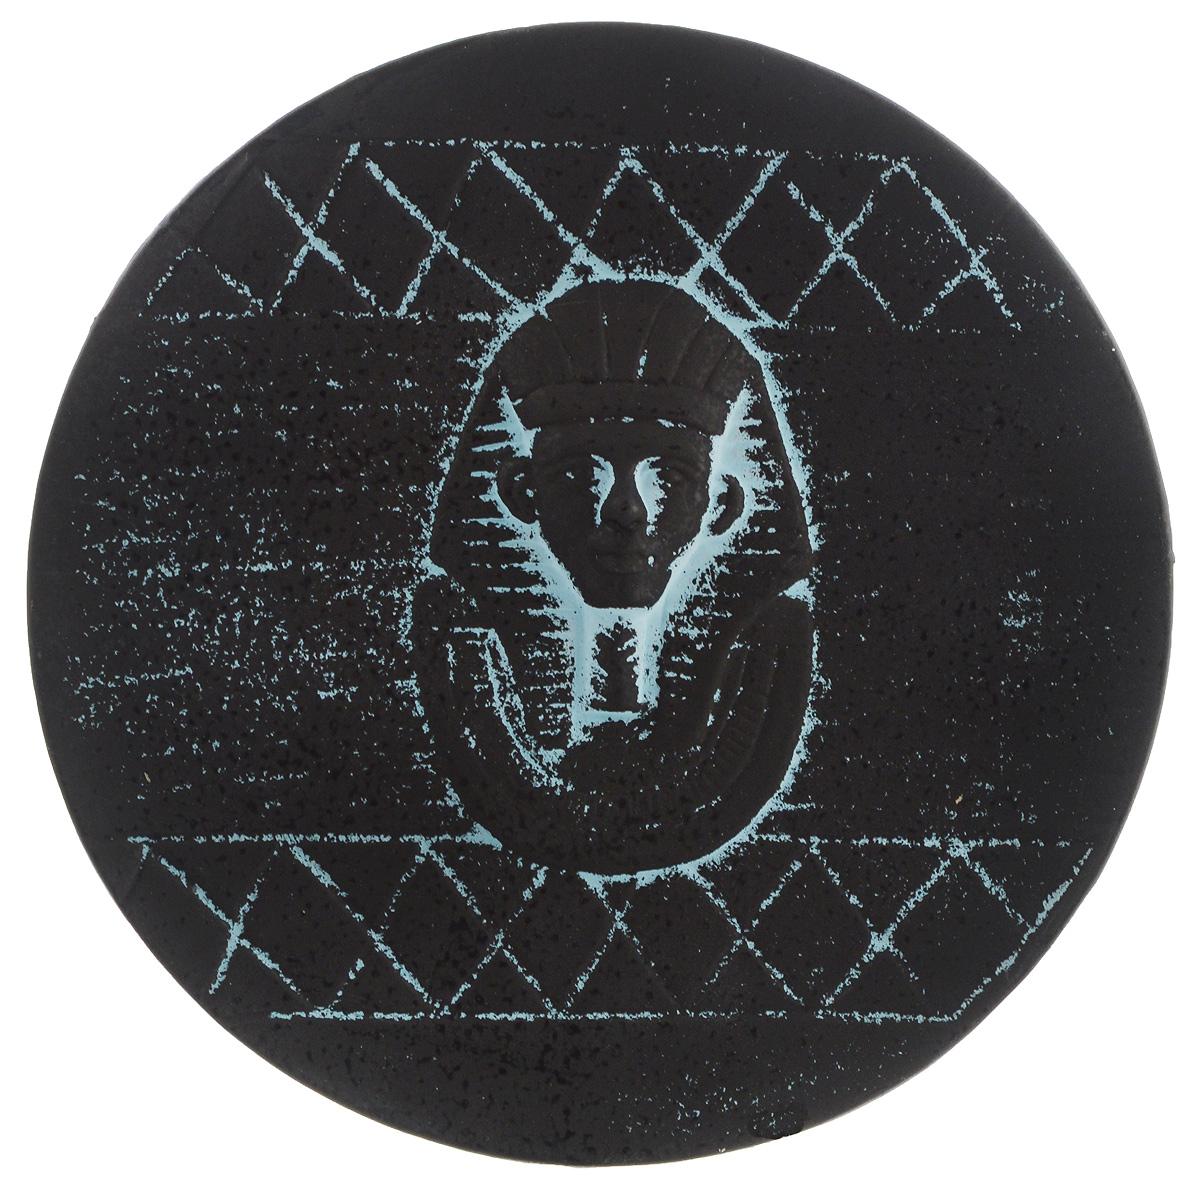 Тарелка декоративная House & Holder, диаметр 16,5 см. PX90475PX90475Тарелка House & Holder выполнена из высококачественной керамики. Тарелка круглой формы украшена оригинальным принтом. Она сочетает в себе оригинальный дизайн с максимальной функциональностью.Диаметр тарелки: 16,5 см.Высота: 1,5 см.